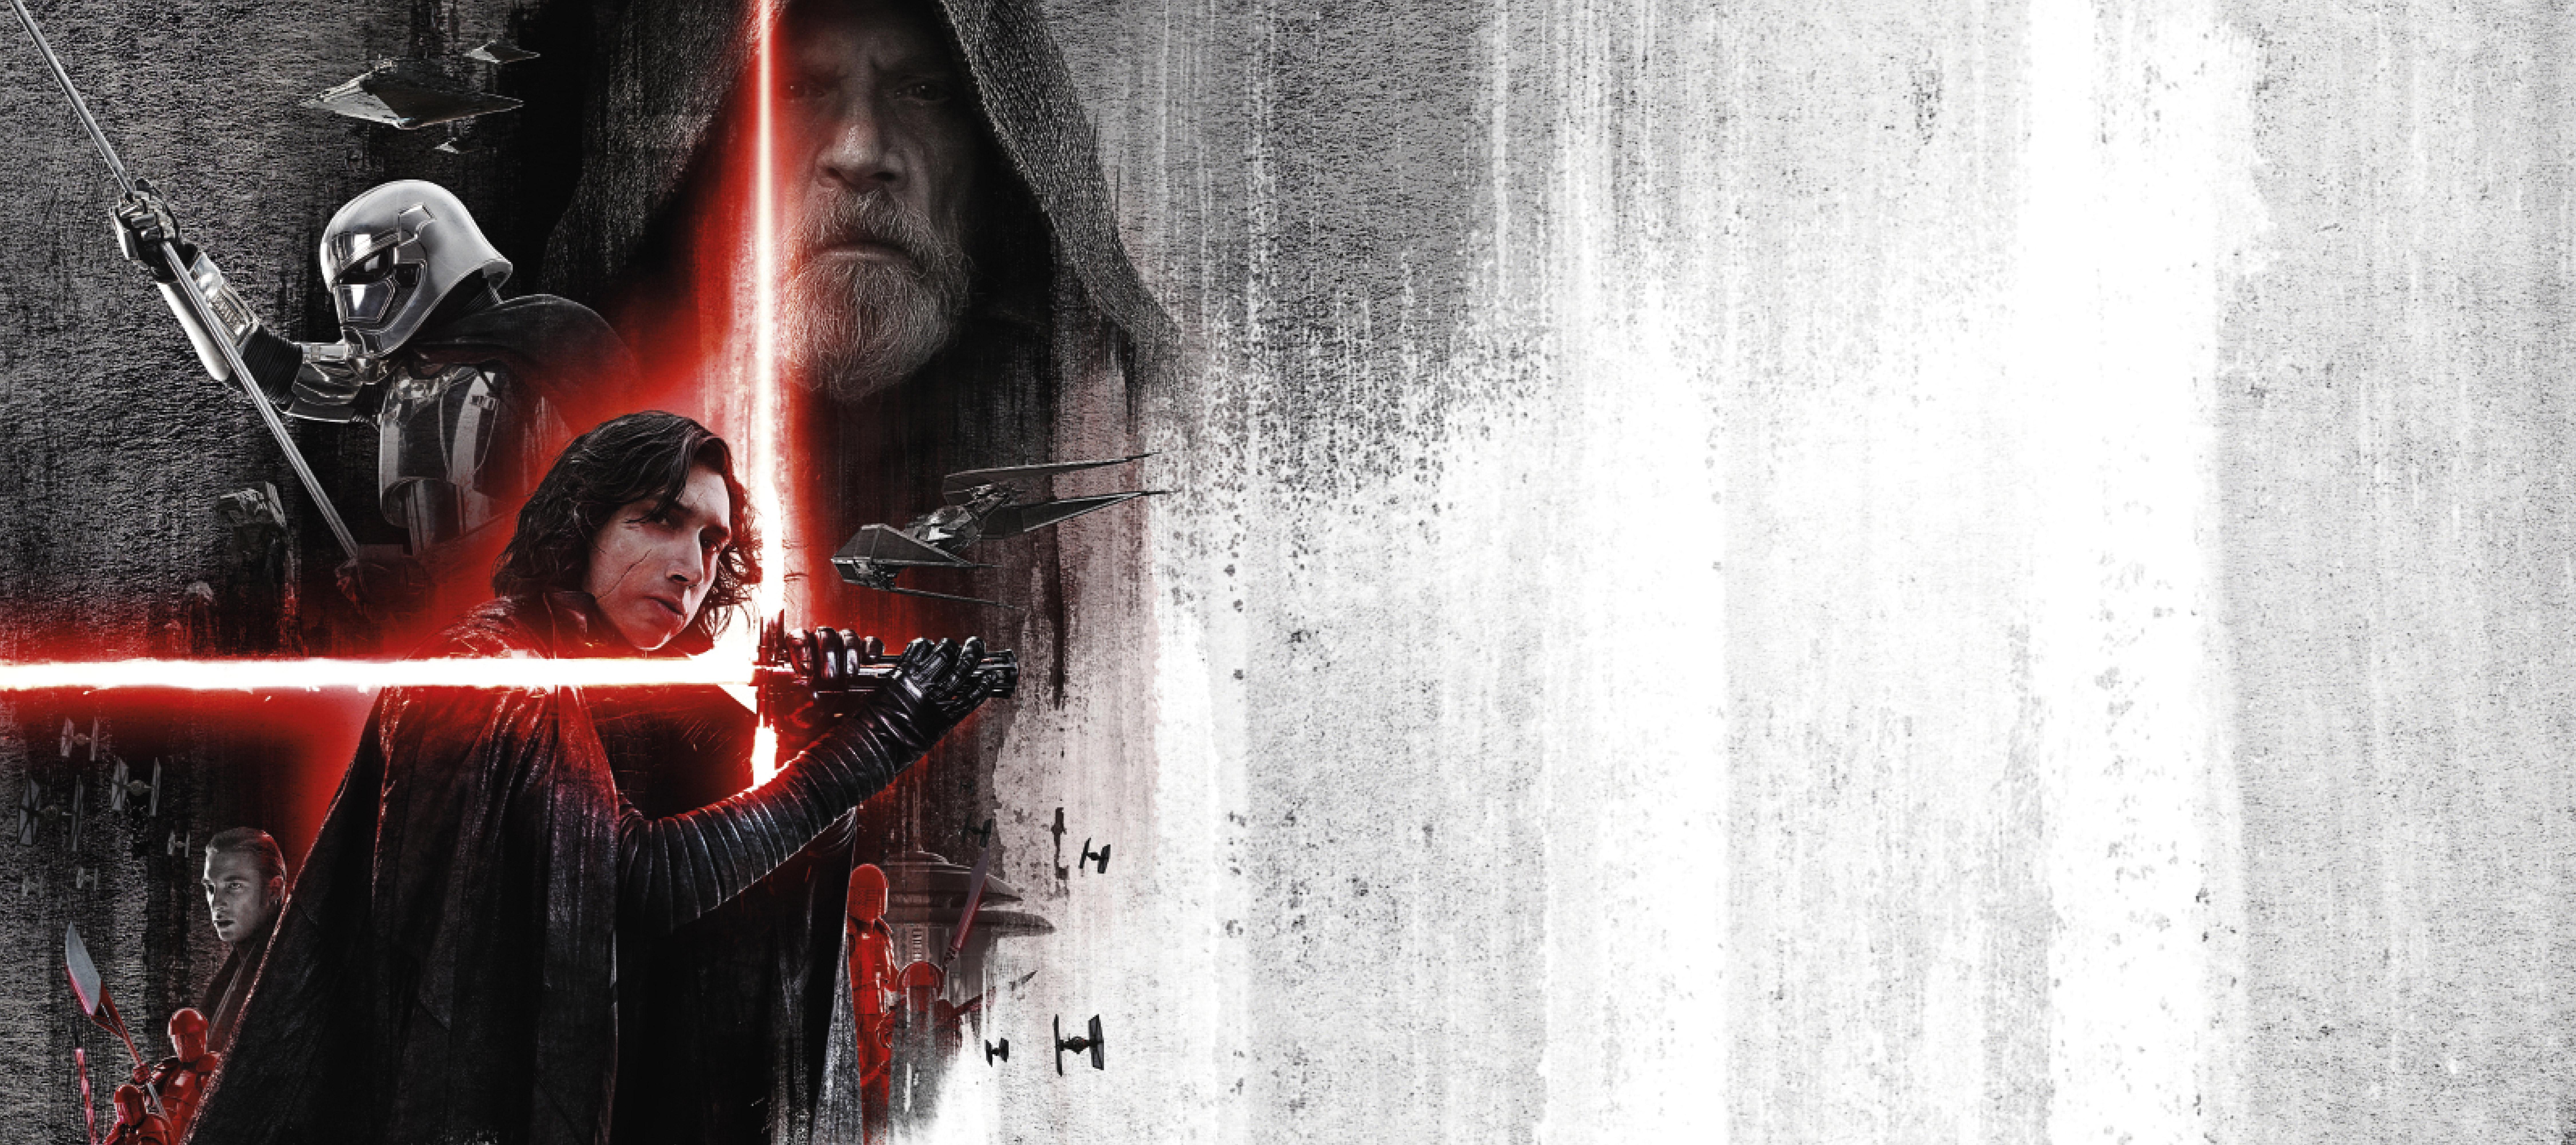 Star Wars The Last Jedi 2017 10k, HD Movies, 4k Wallpapers